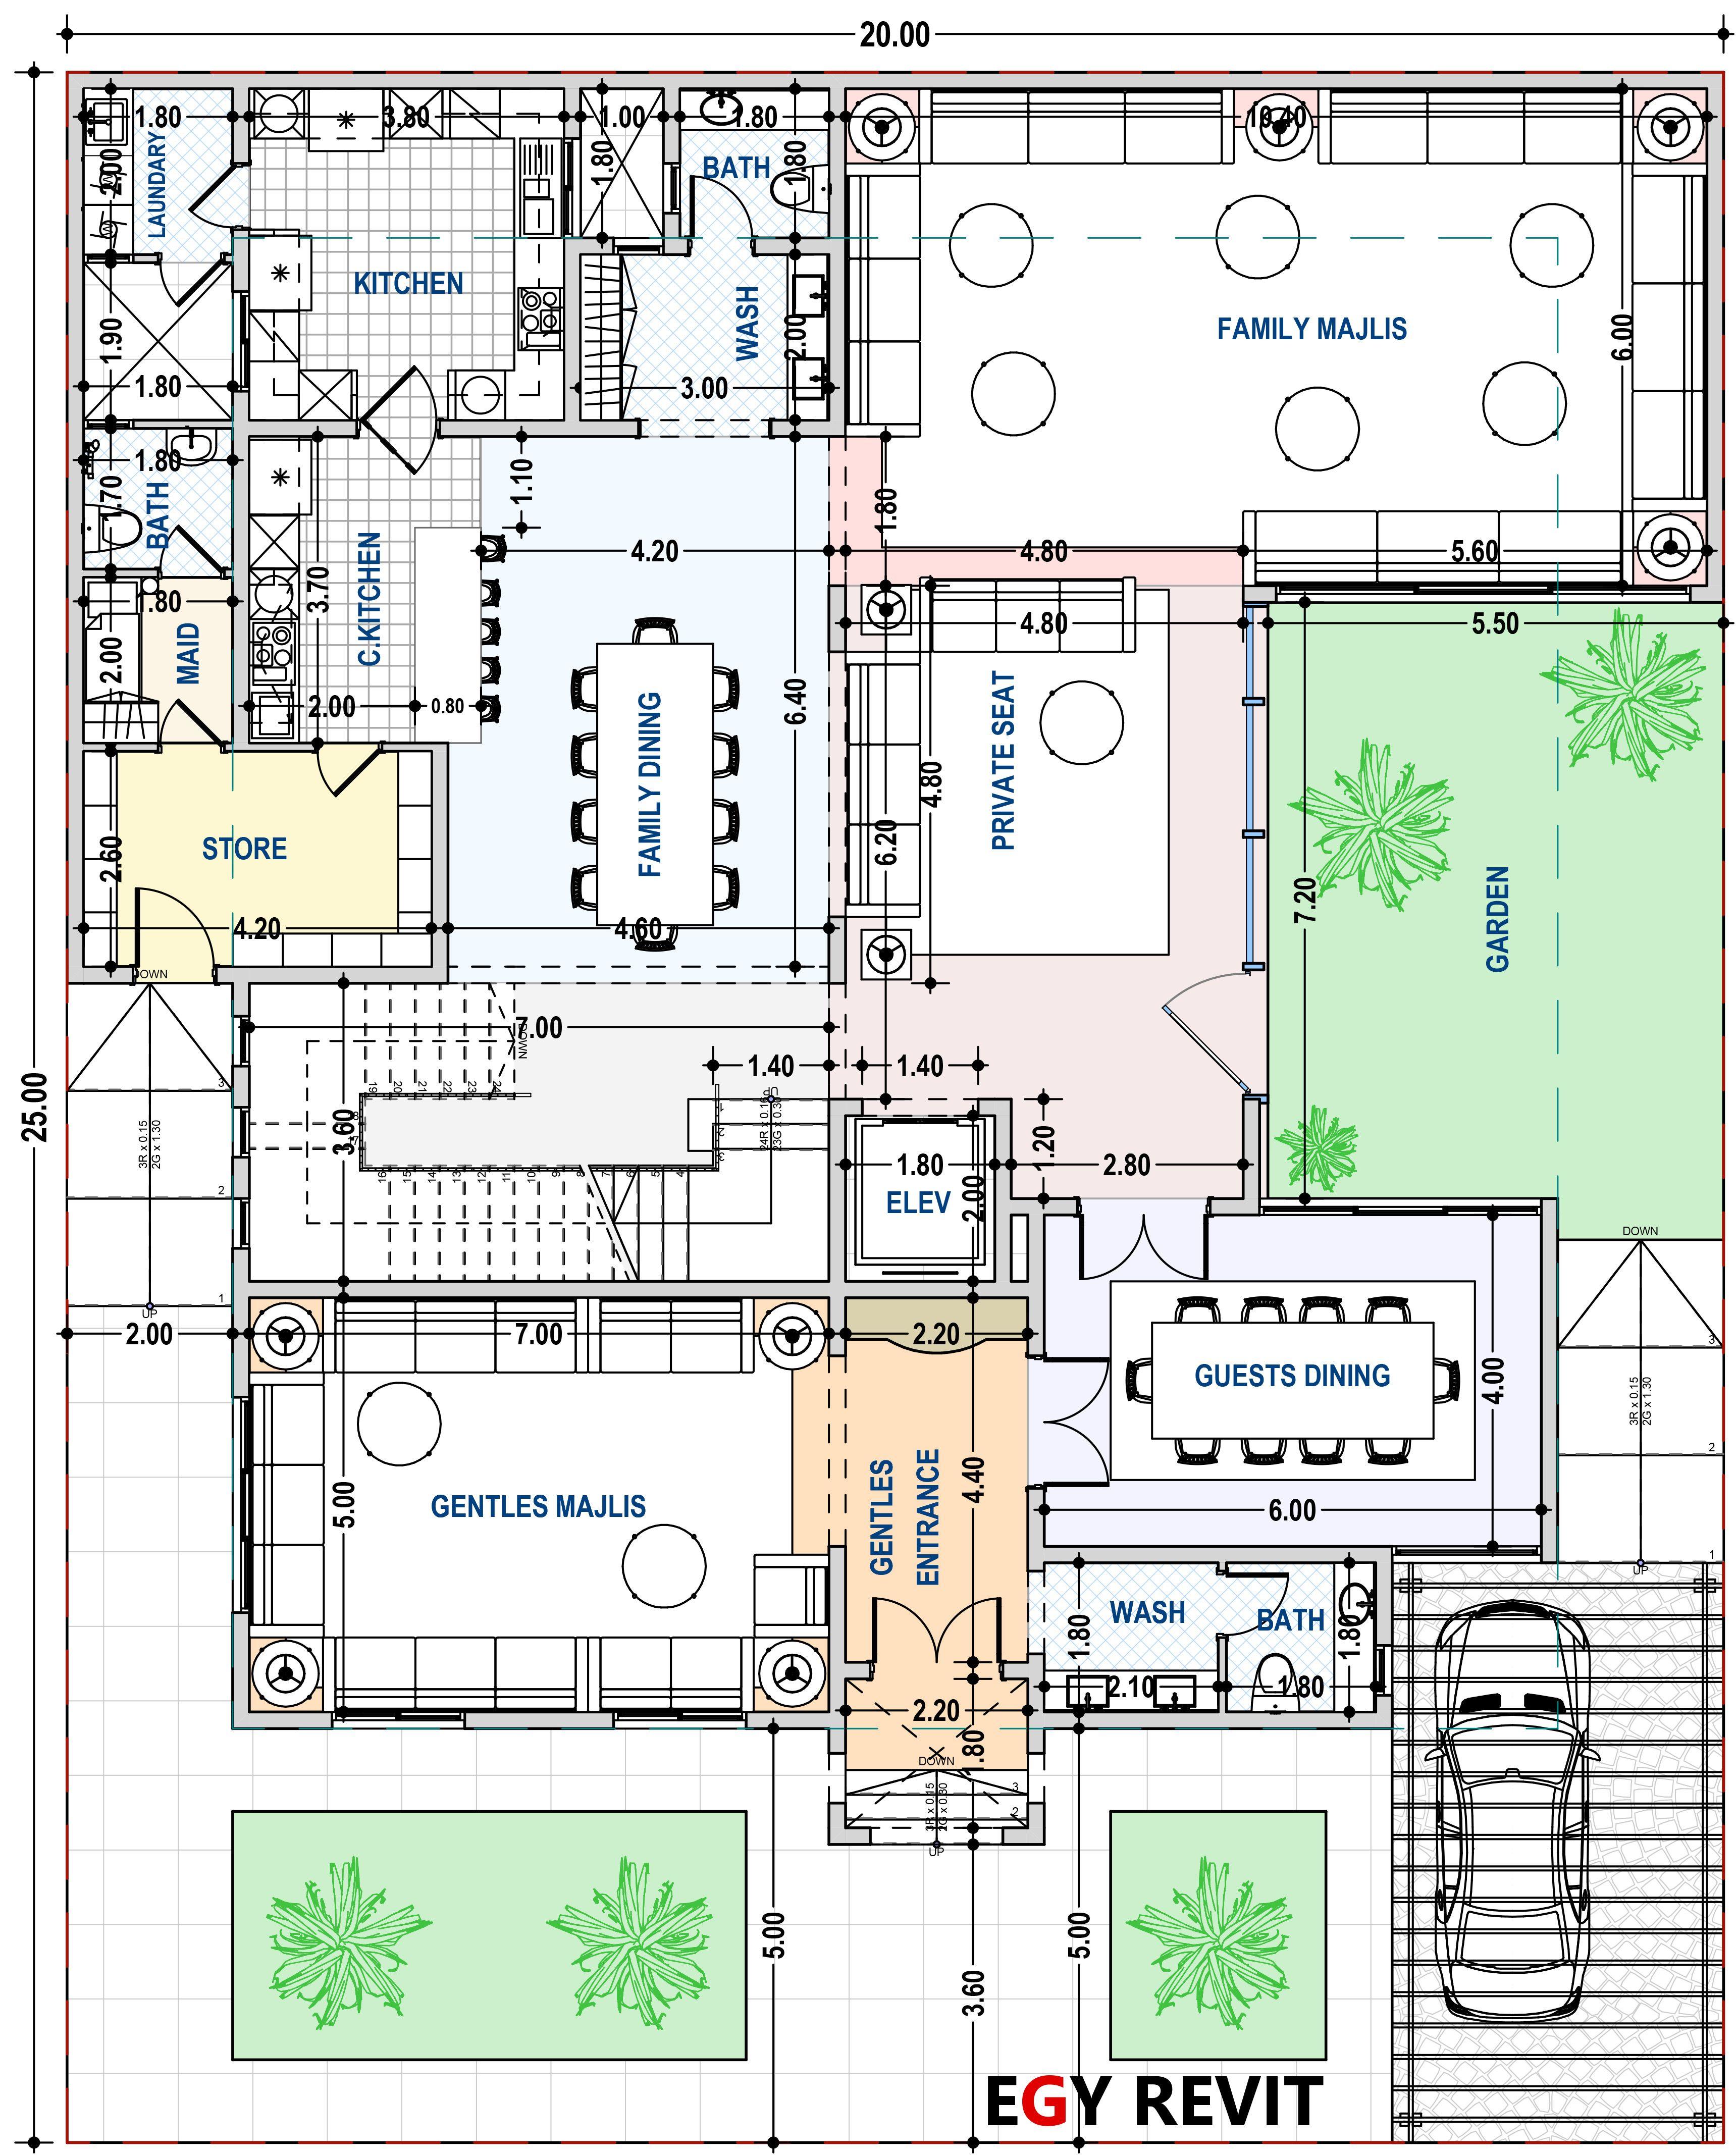 تصميم فيلا مع حديقة جانبيه ايجي ريفيت Family House Plans New House Plans Square House Plans